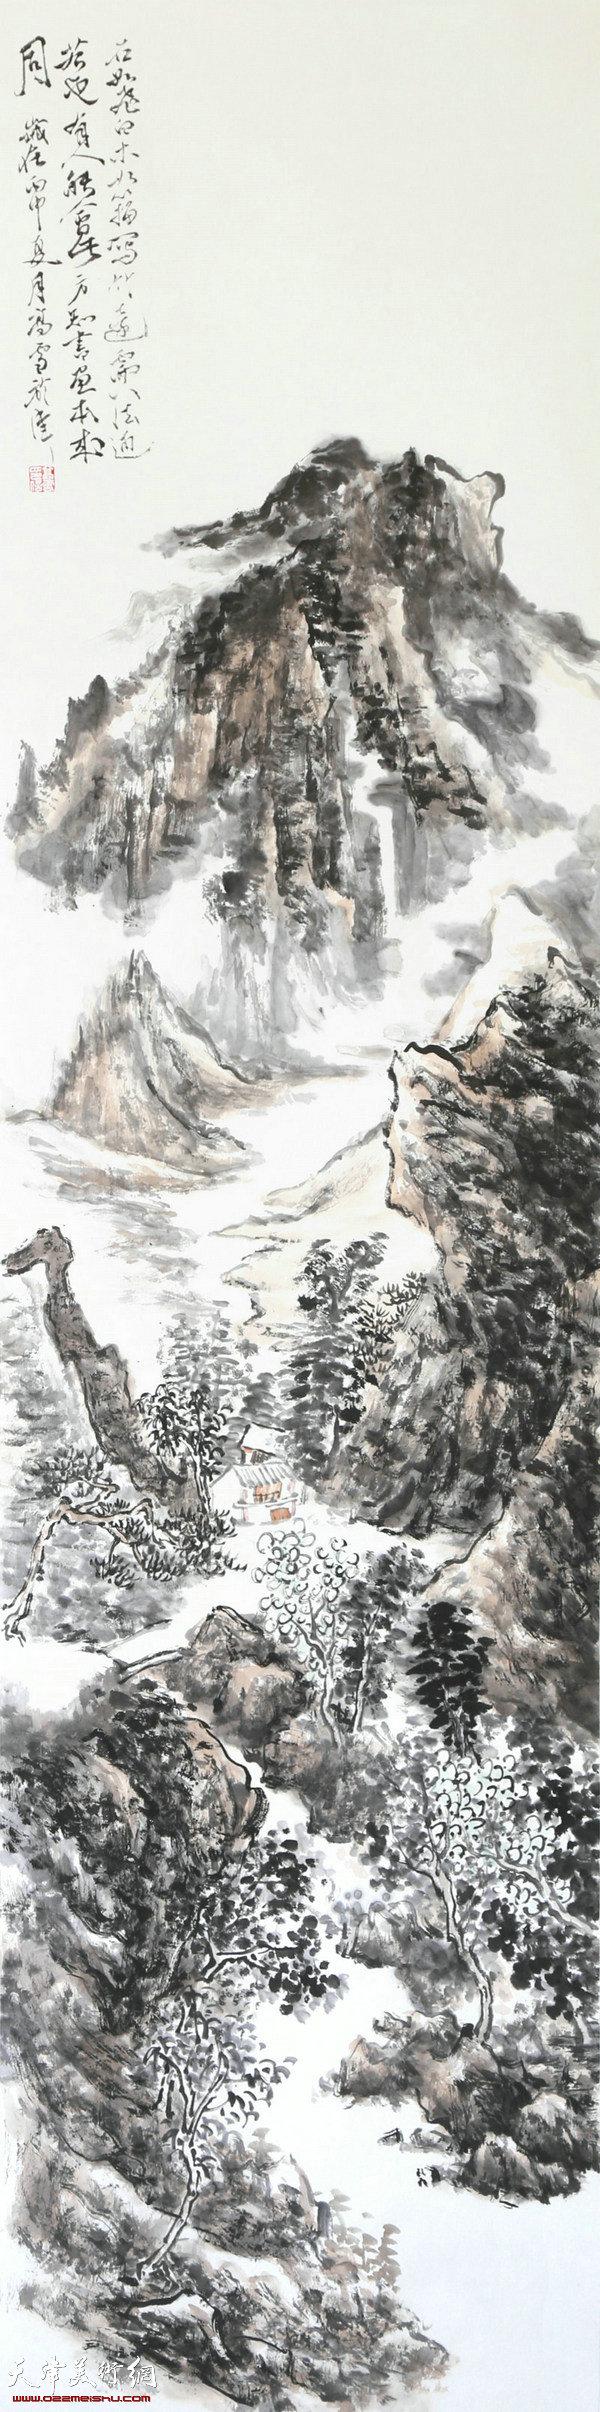 高雪-画家-《溪上人家》